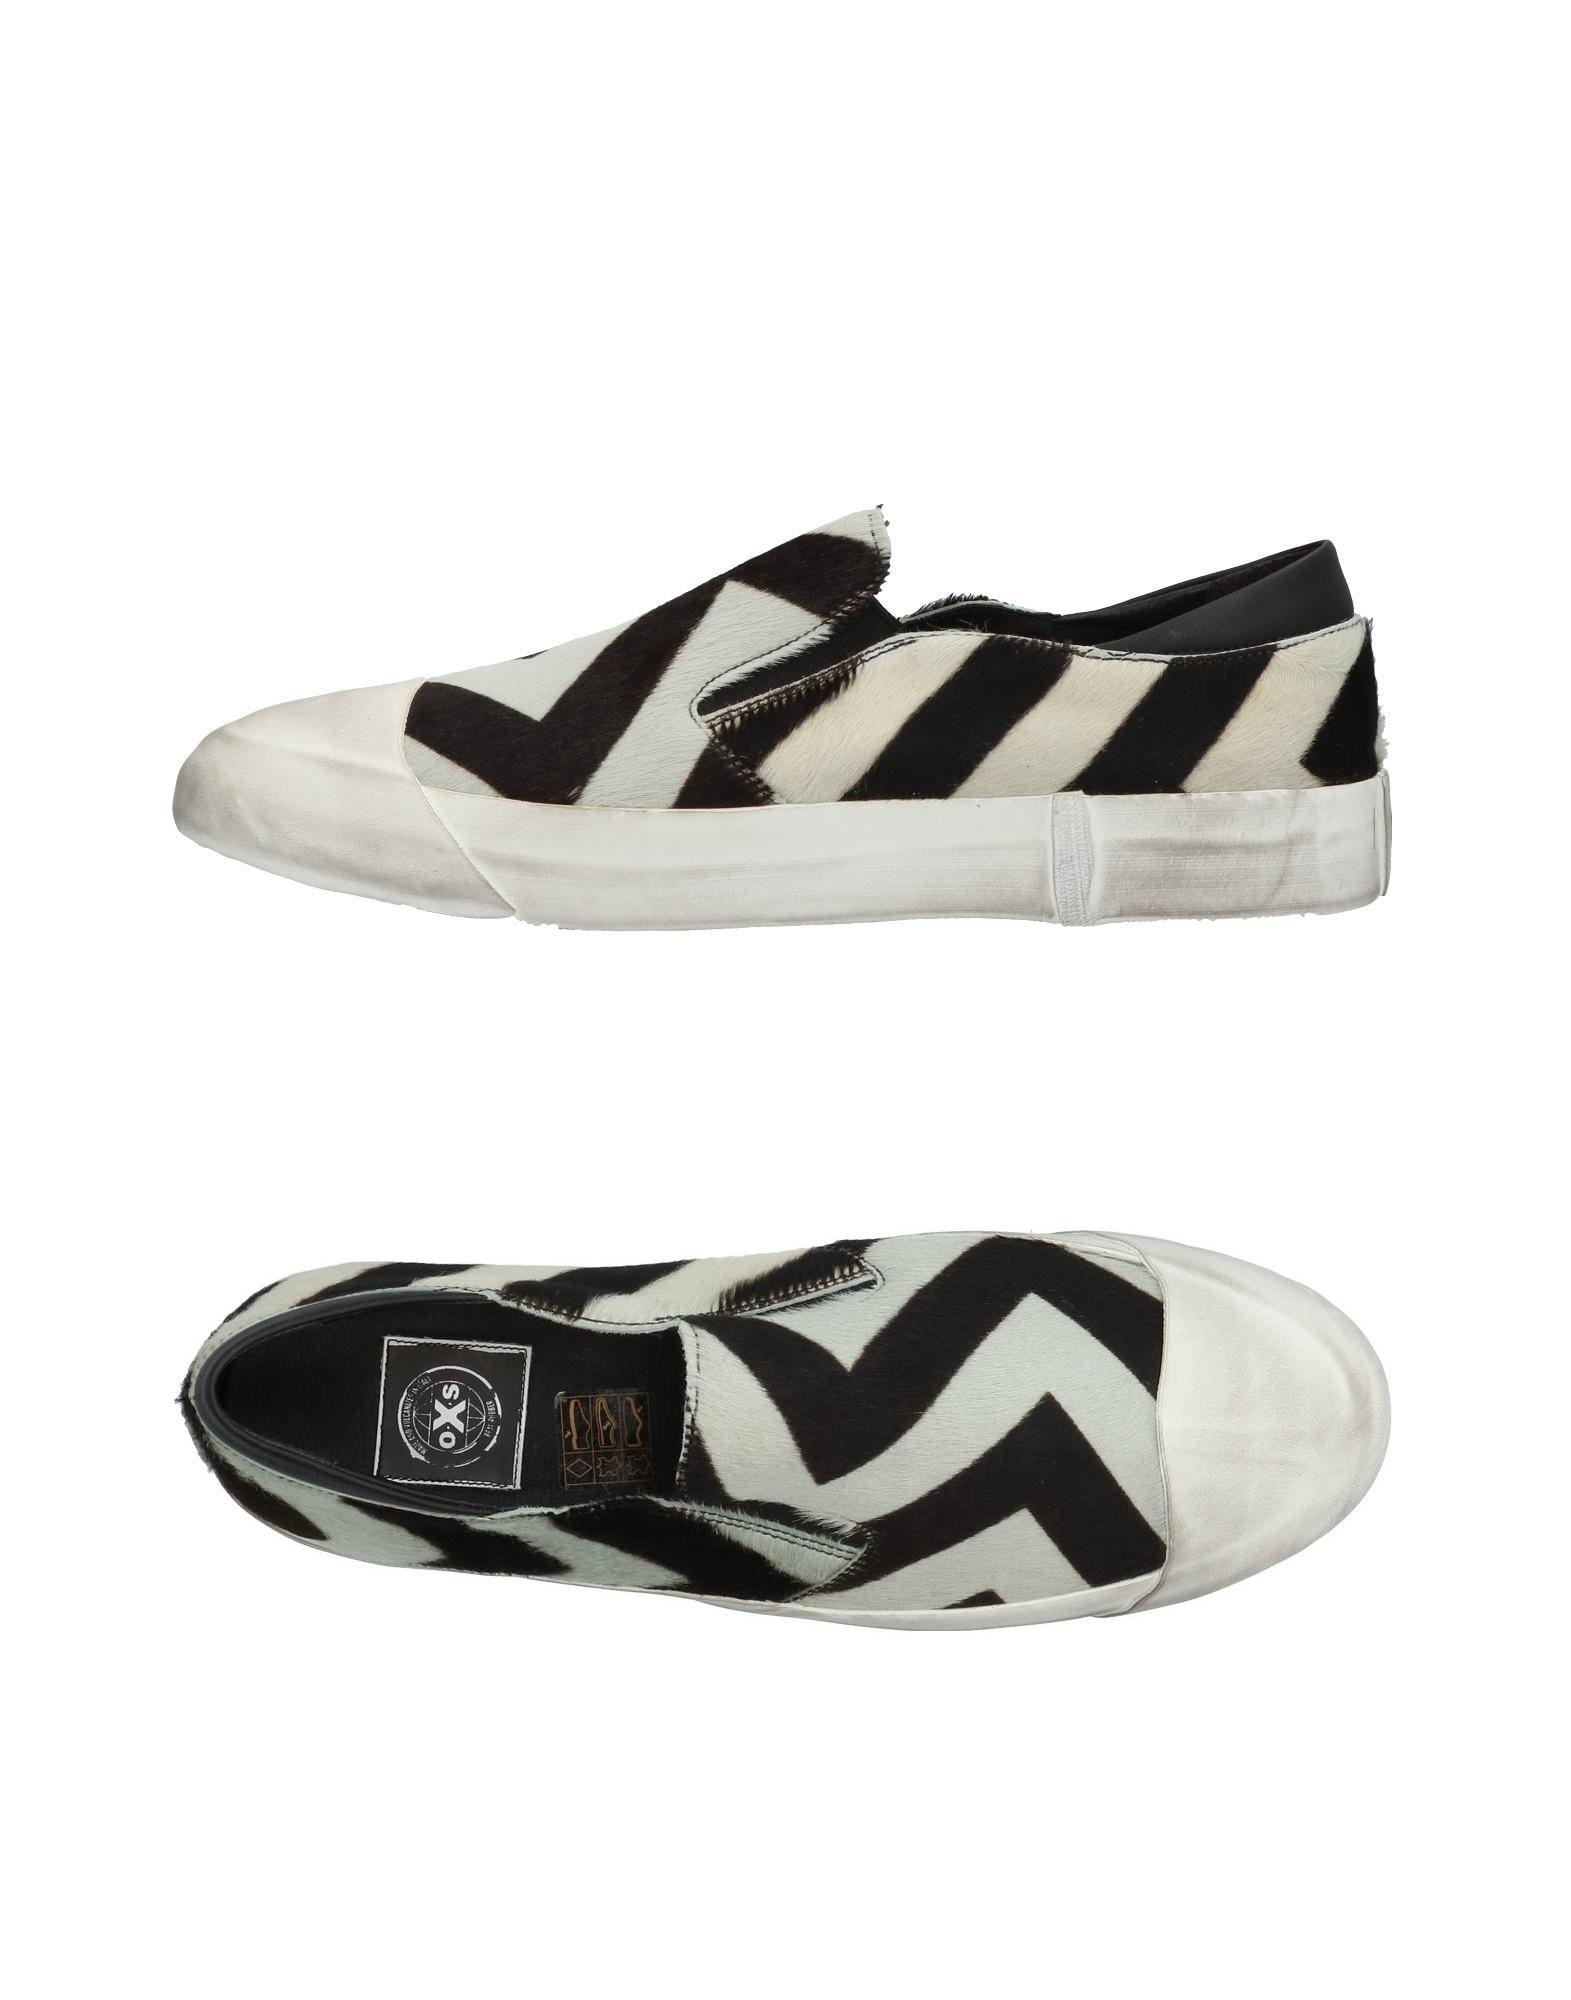 O.X.S. Sneakers Damen  11338966HU Gute Qualität beliebte Schuhe